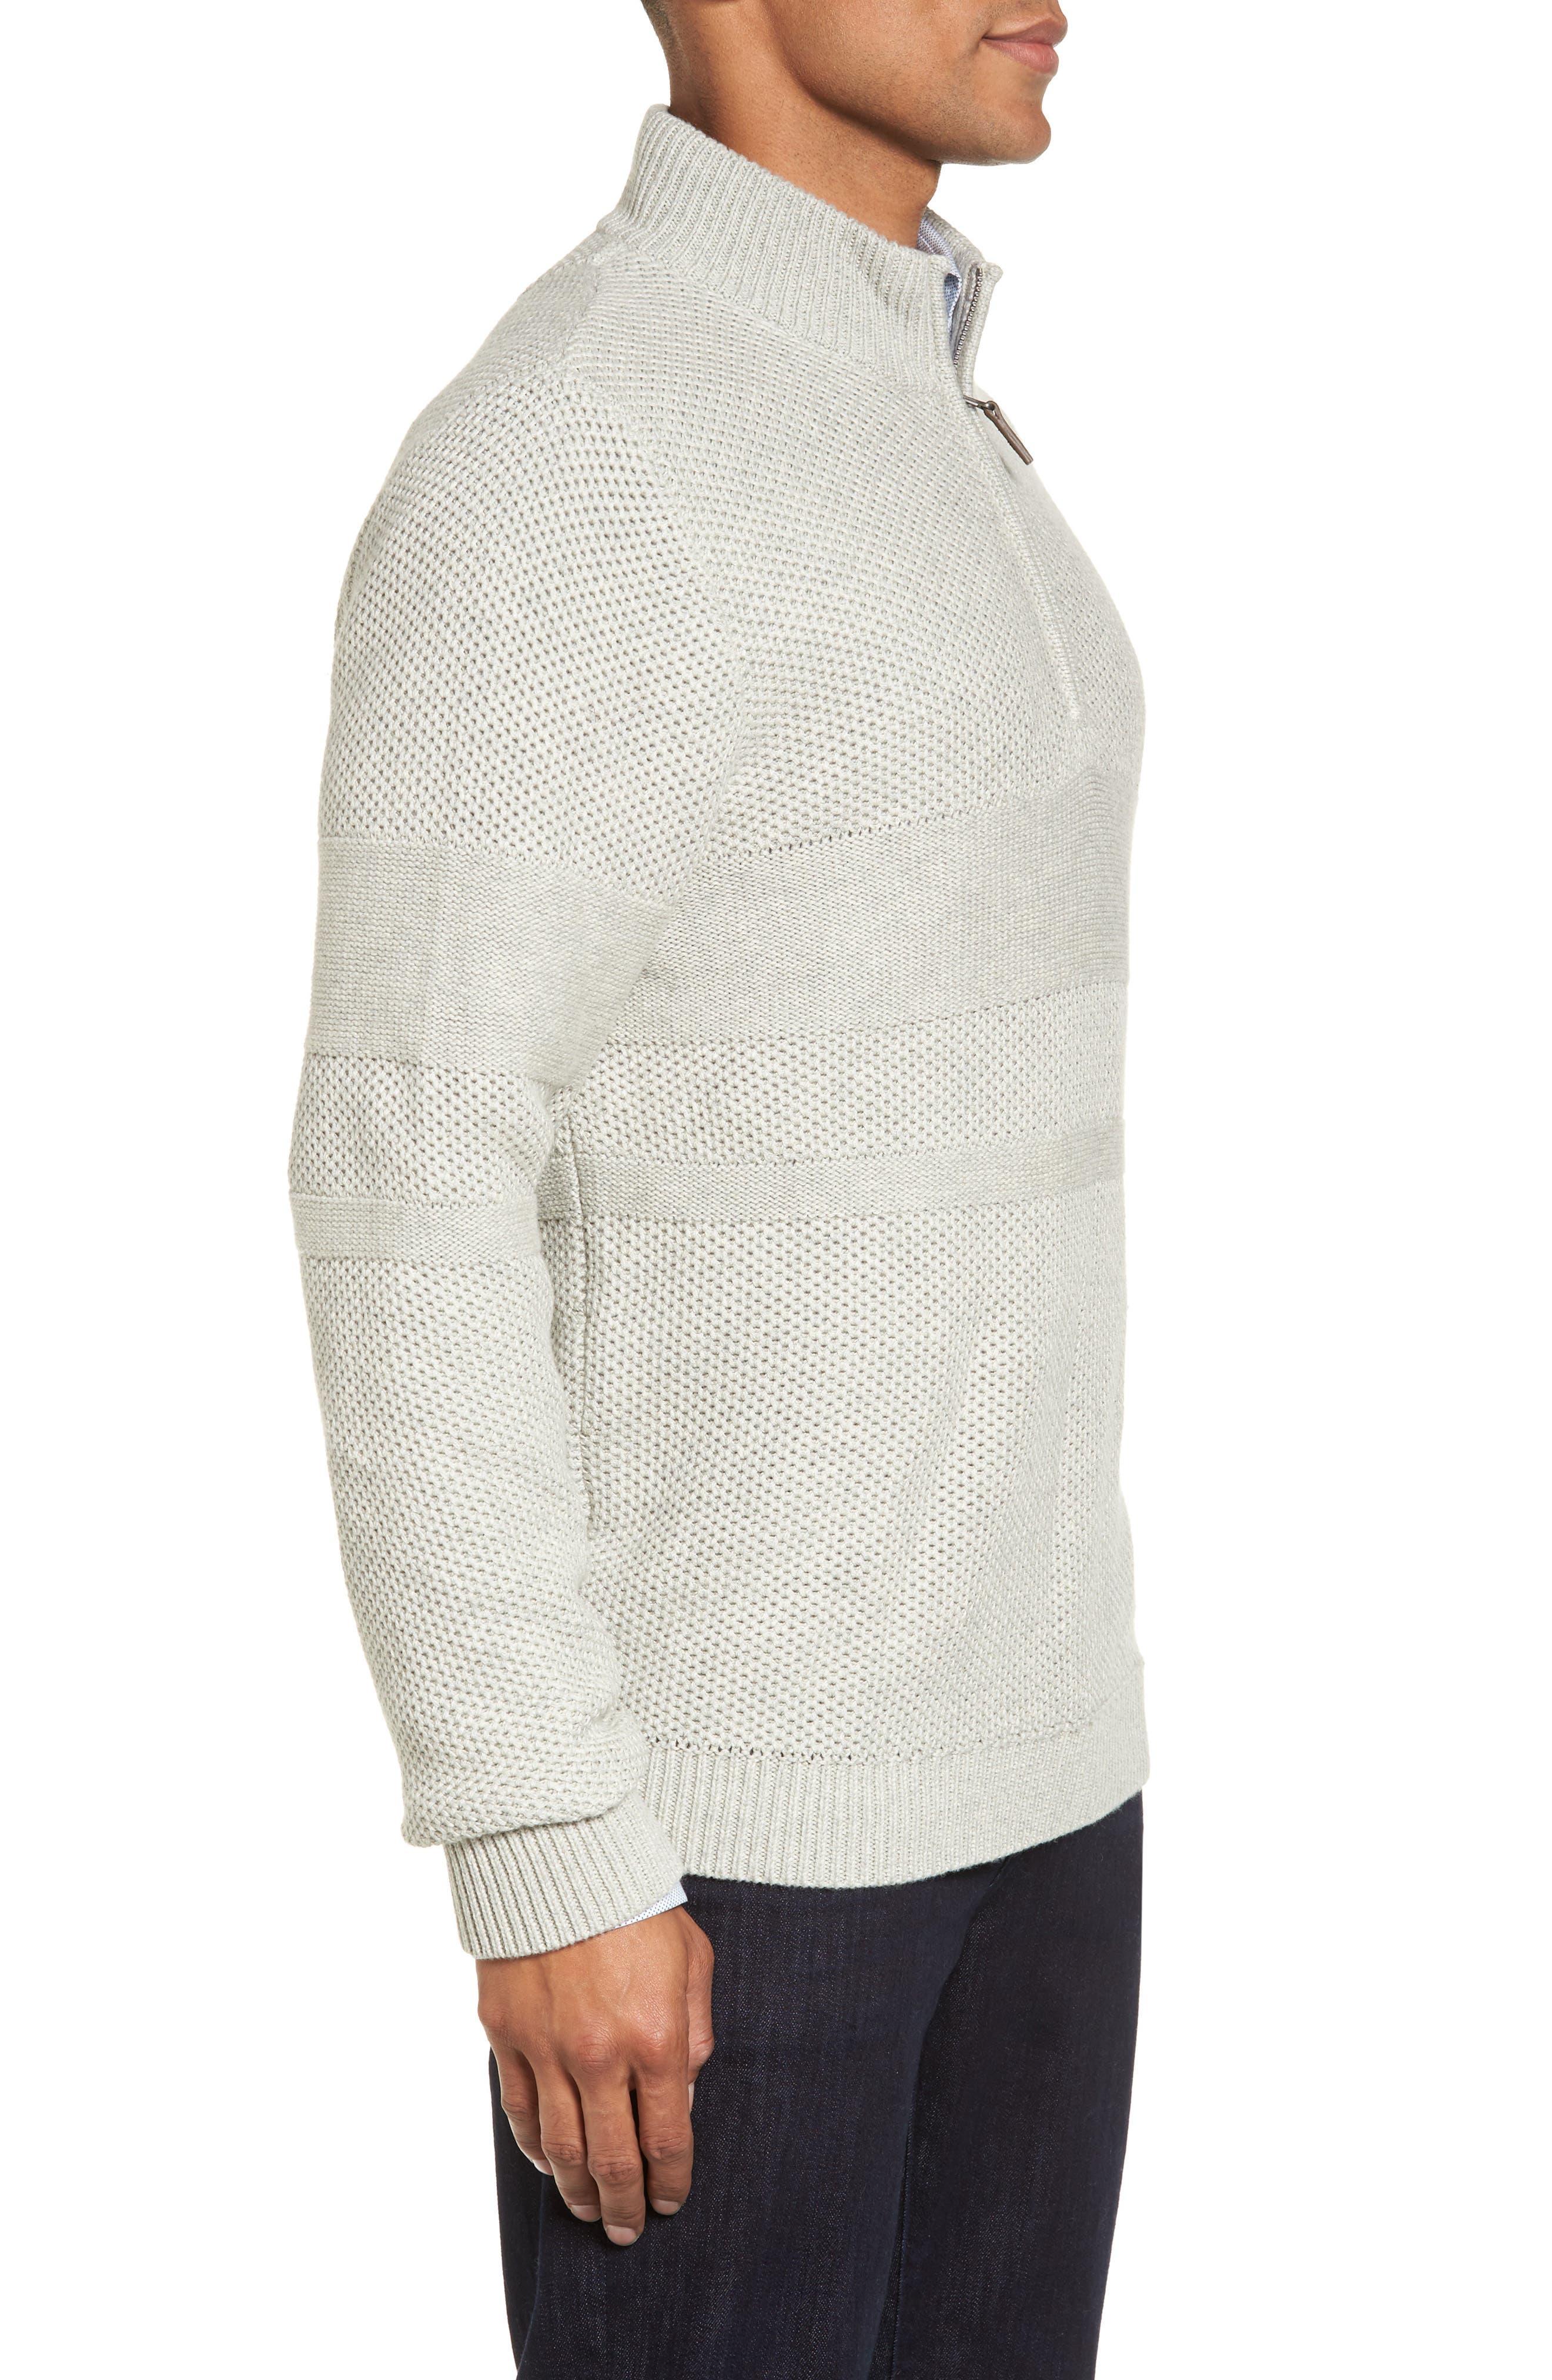 Texture Cotton & Cashmere Quarter Zip Sweater,                             Alternate thumbnail 4, color,                             050